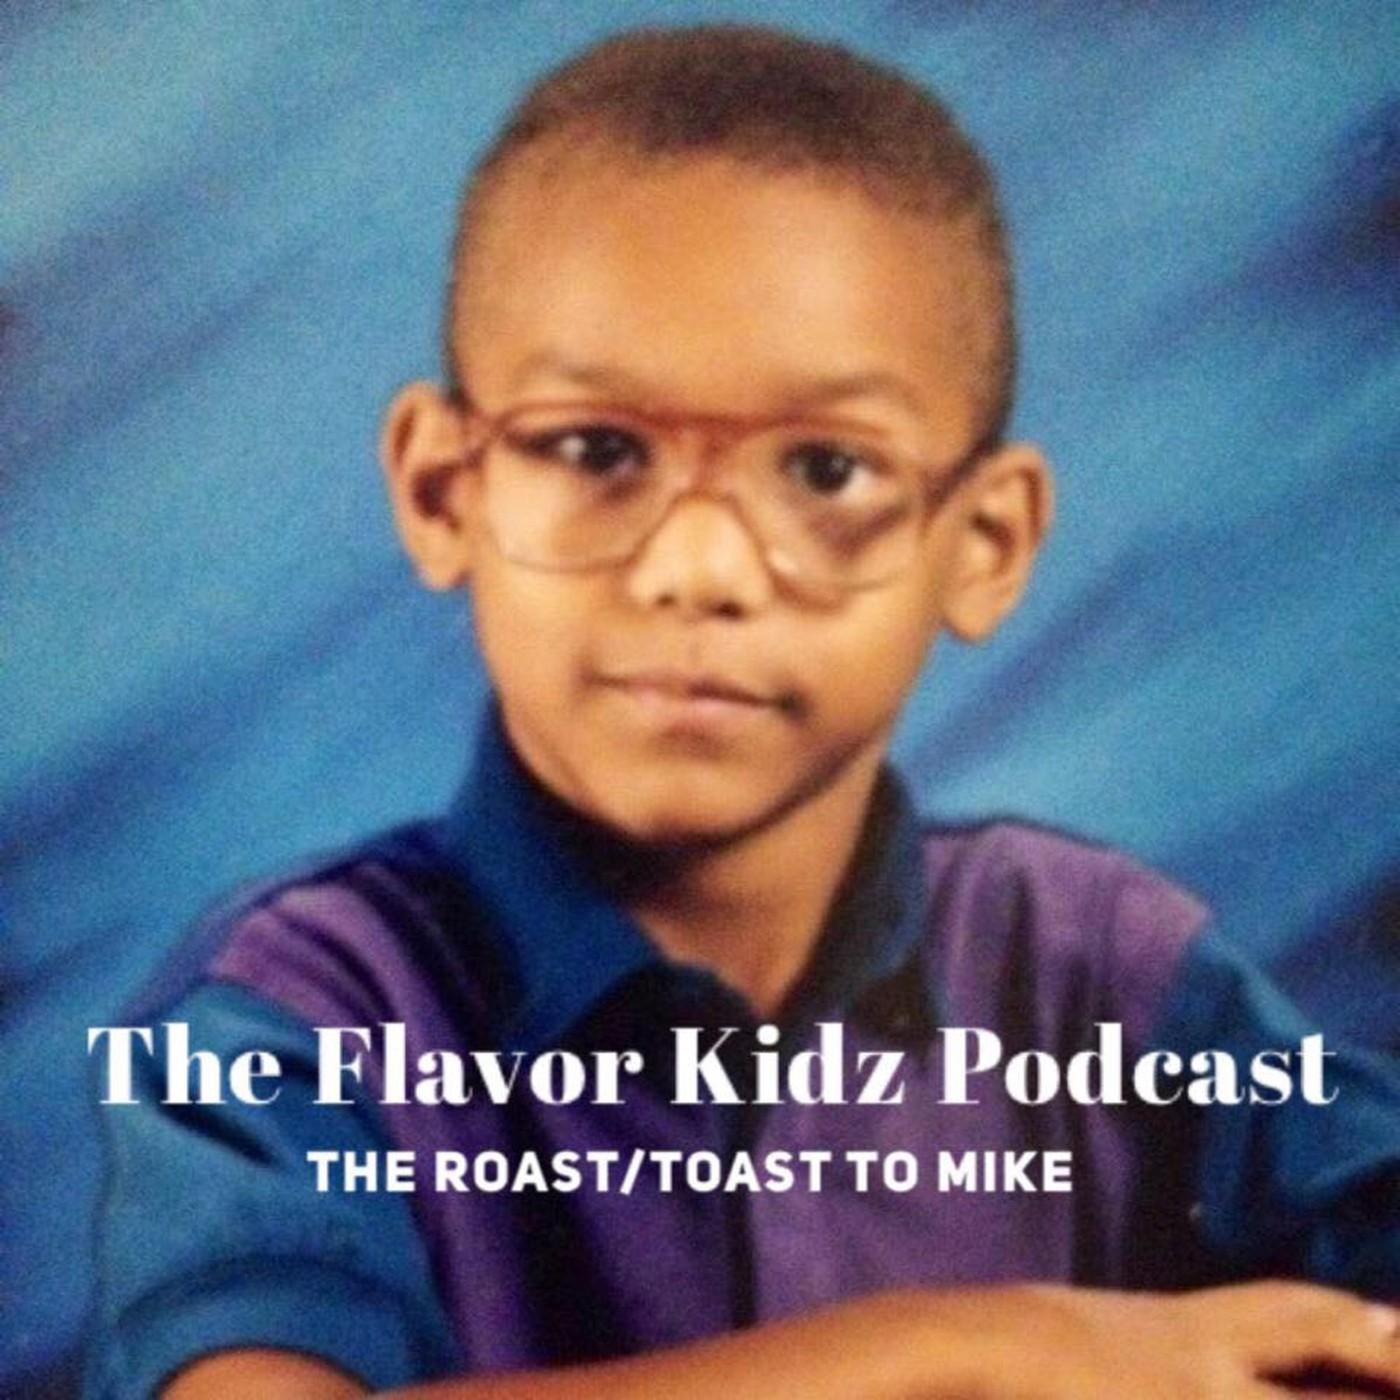 Flavor Kidz